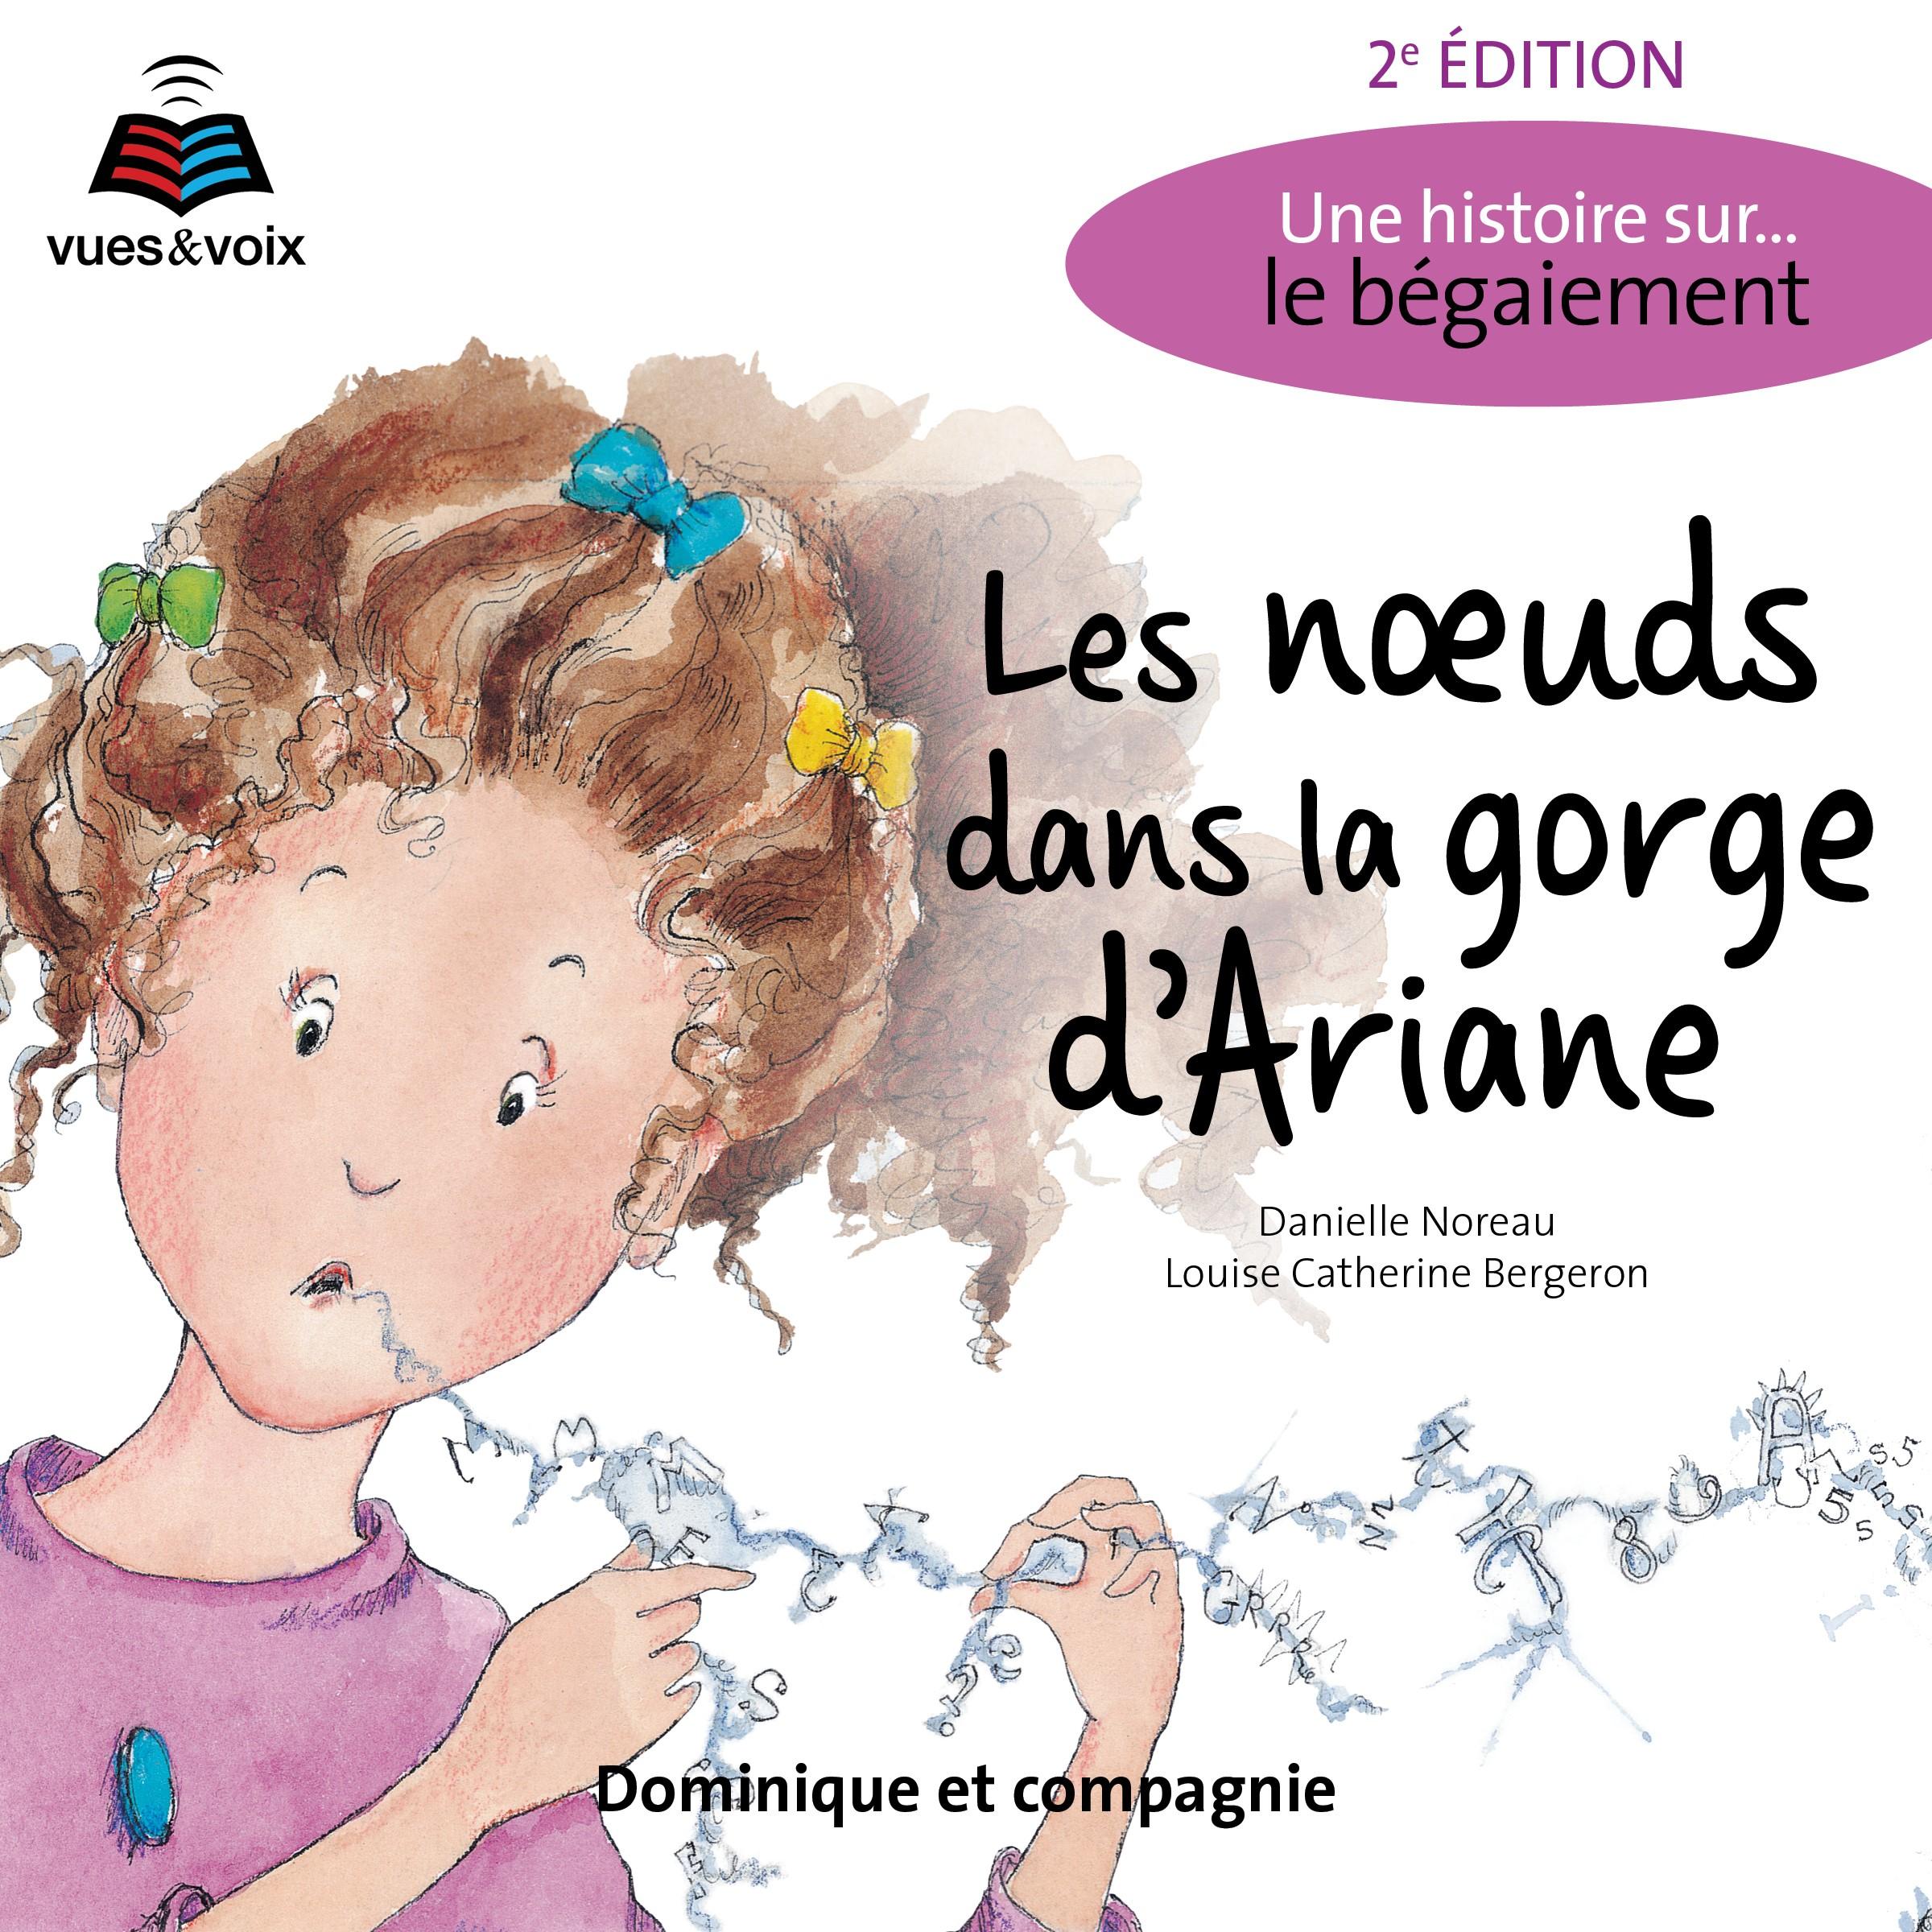 Les noeuds dans la gorge d'Ariane: une histoire sur... le bégaiement